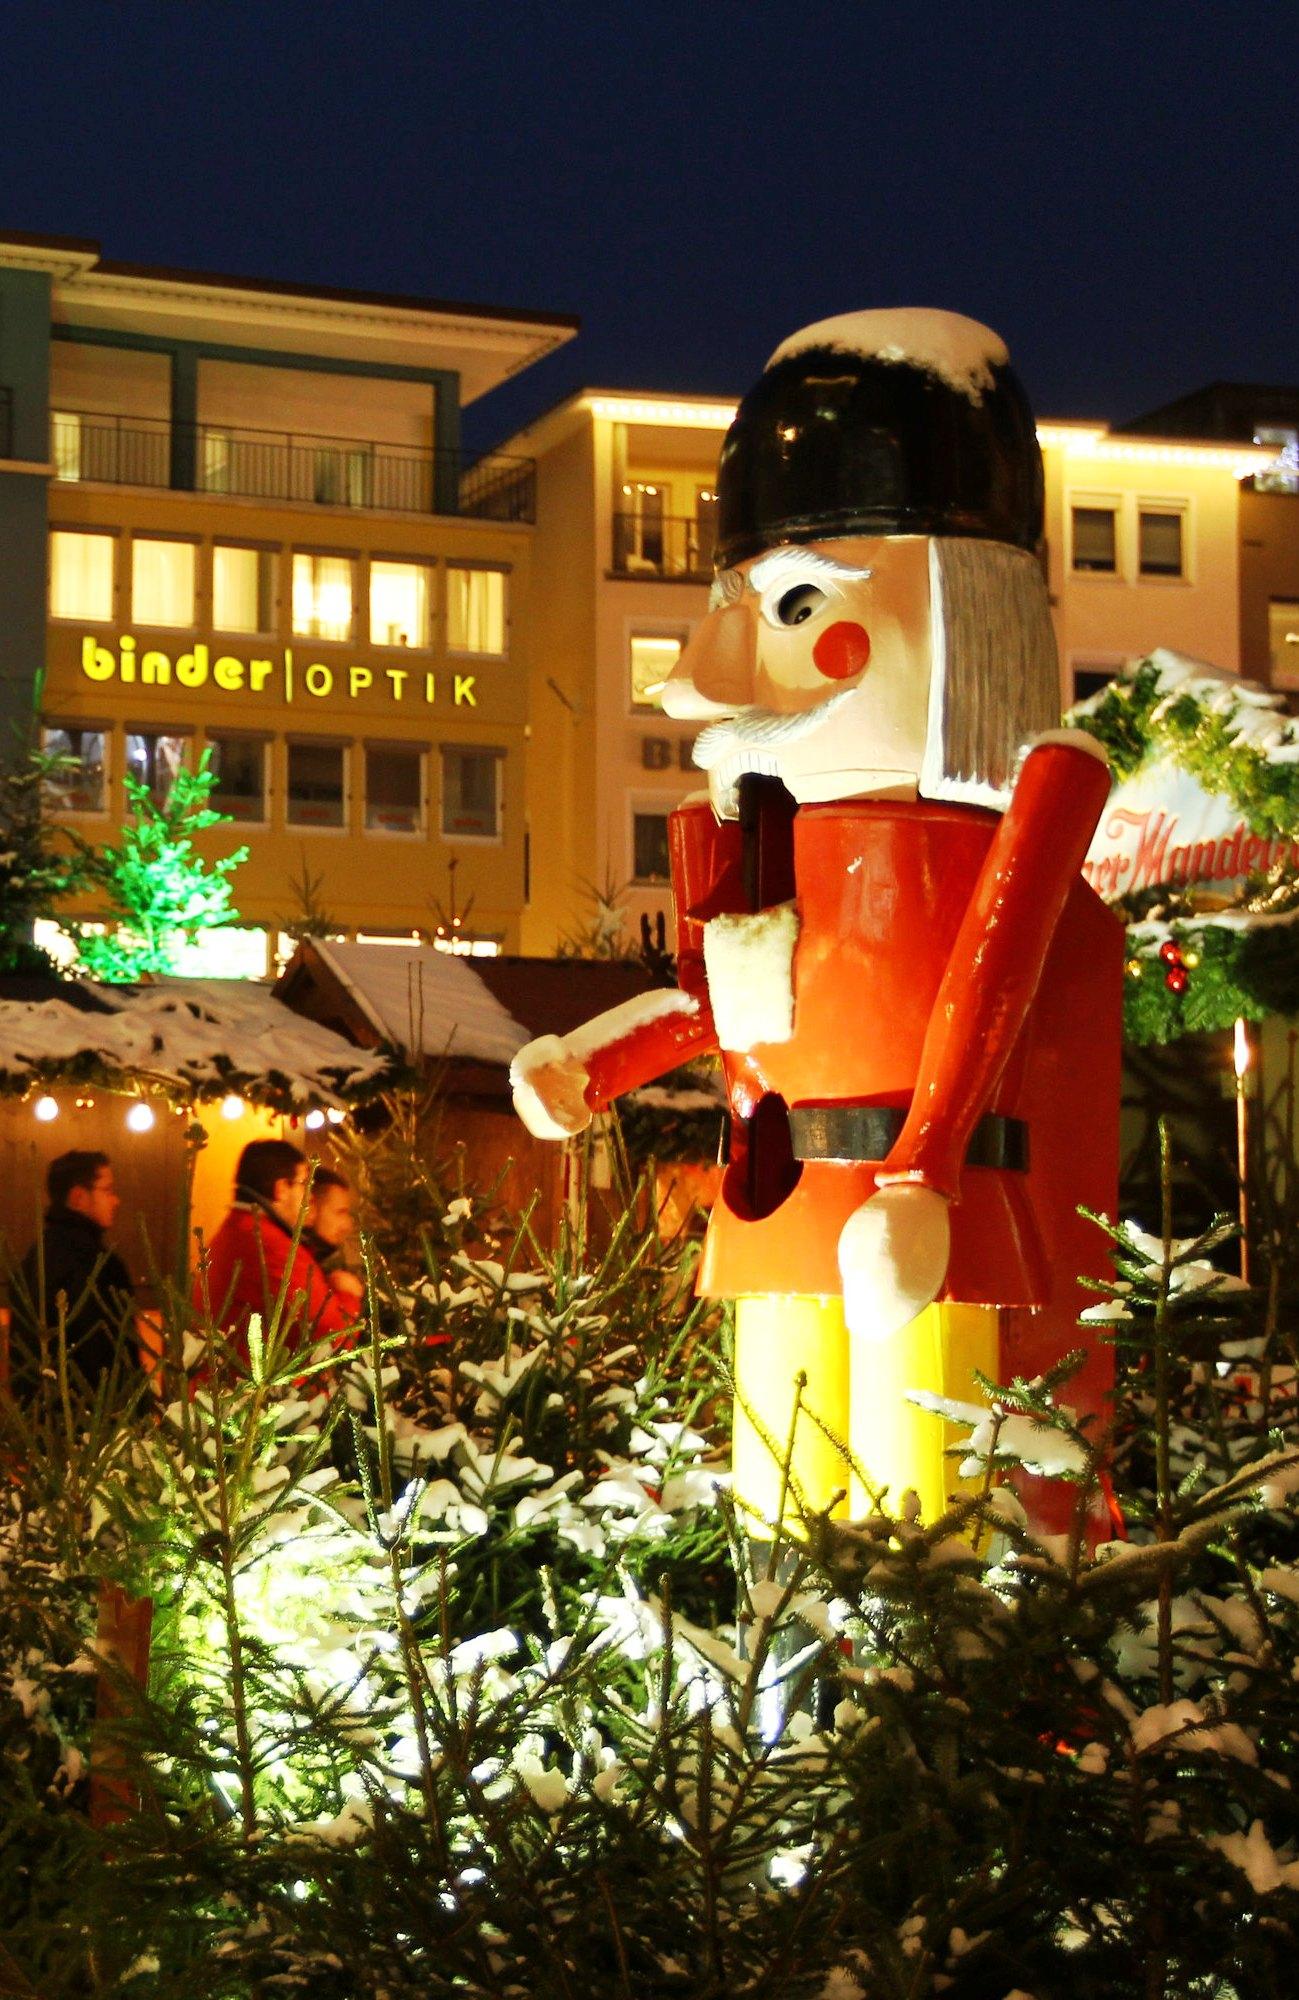 Weihnachtsmarkt Auf Englisch.Press Stuttgarter Weihnachtsmarkt 27 11 23 12 2019